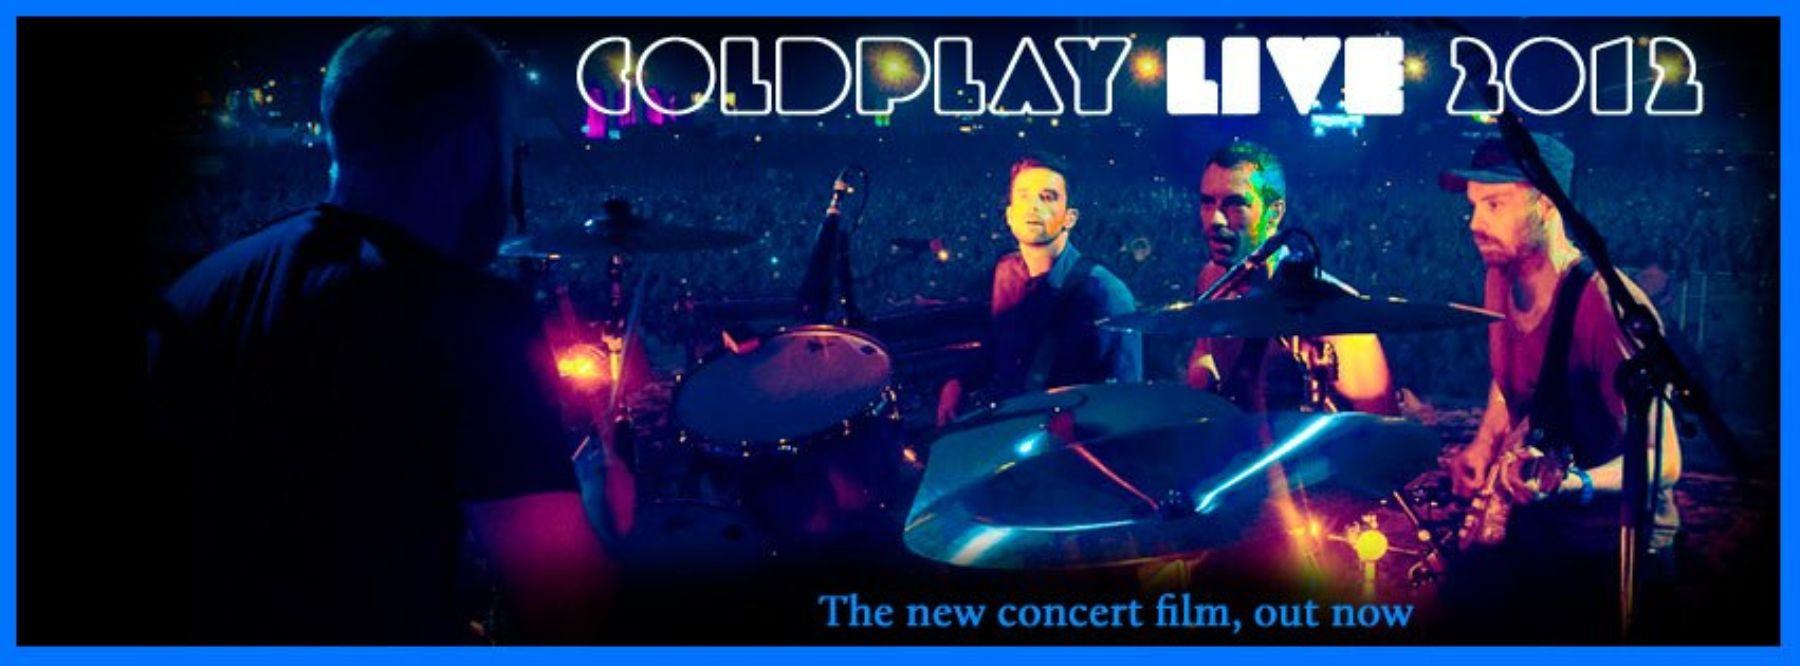 Facebook de Coldplay